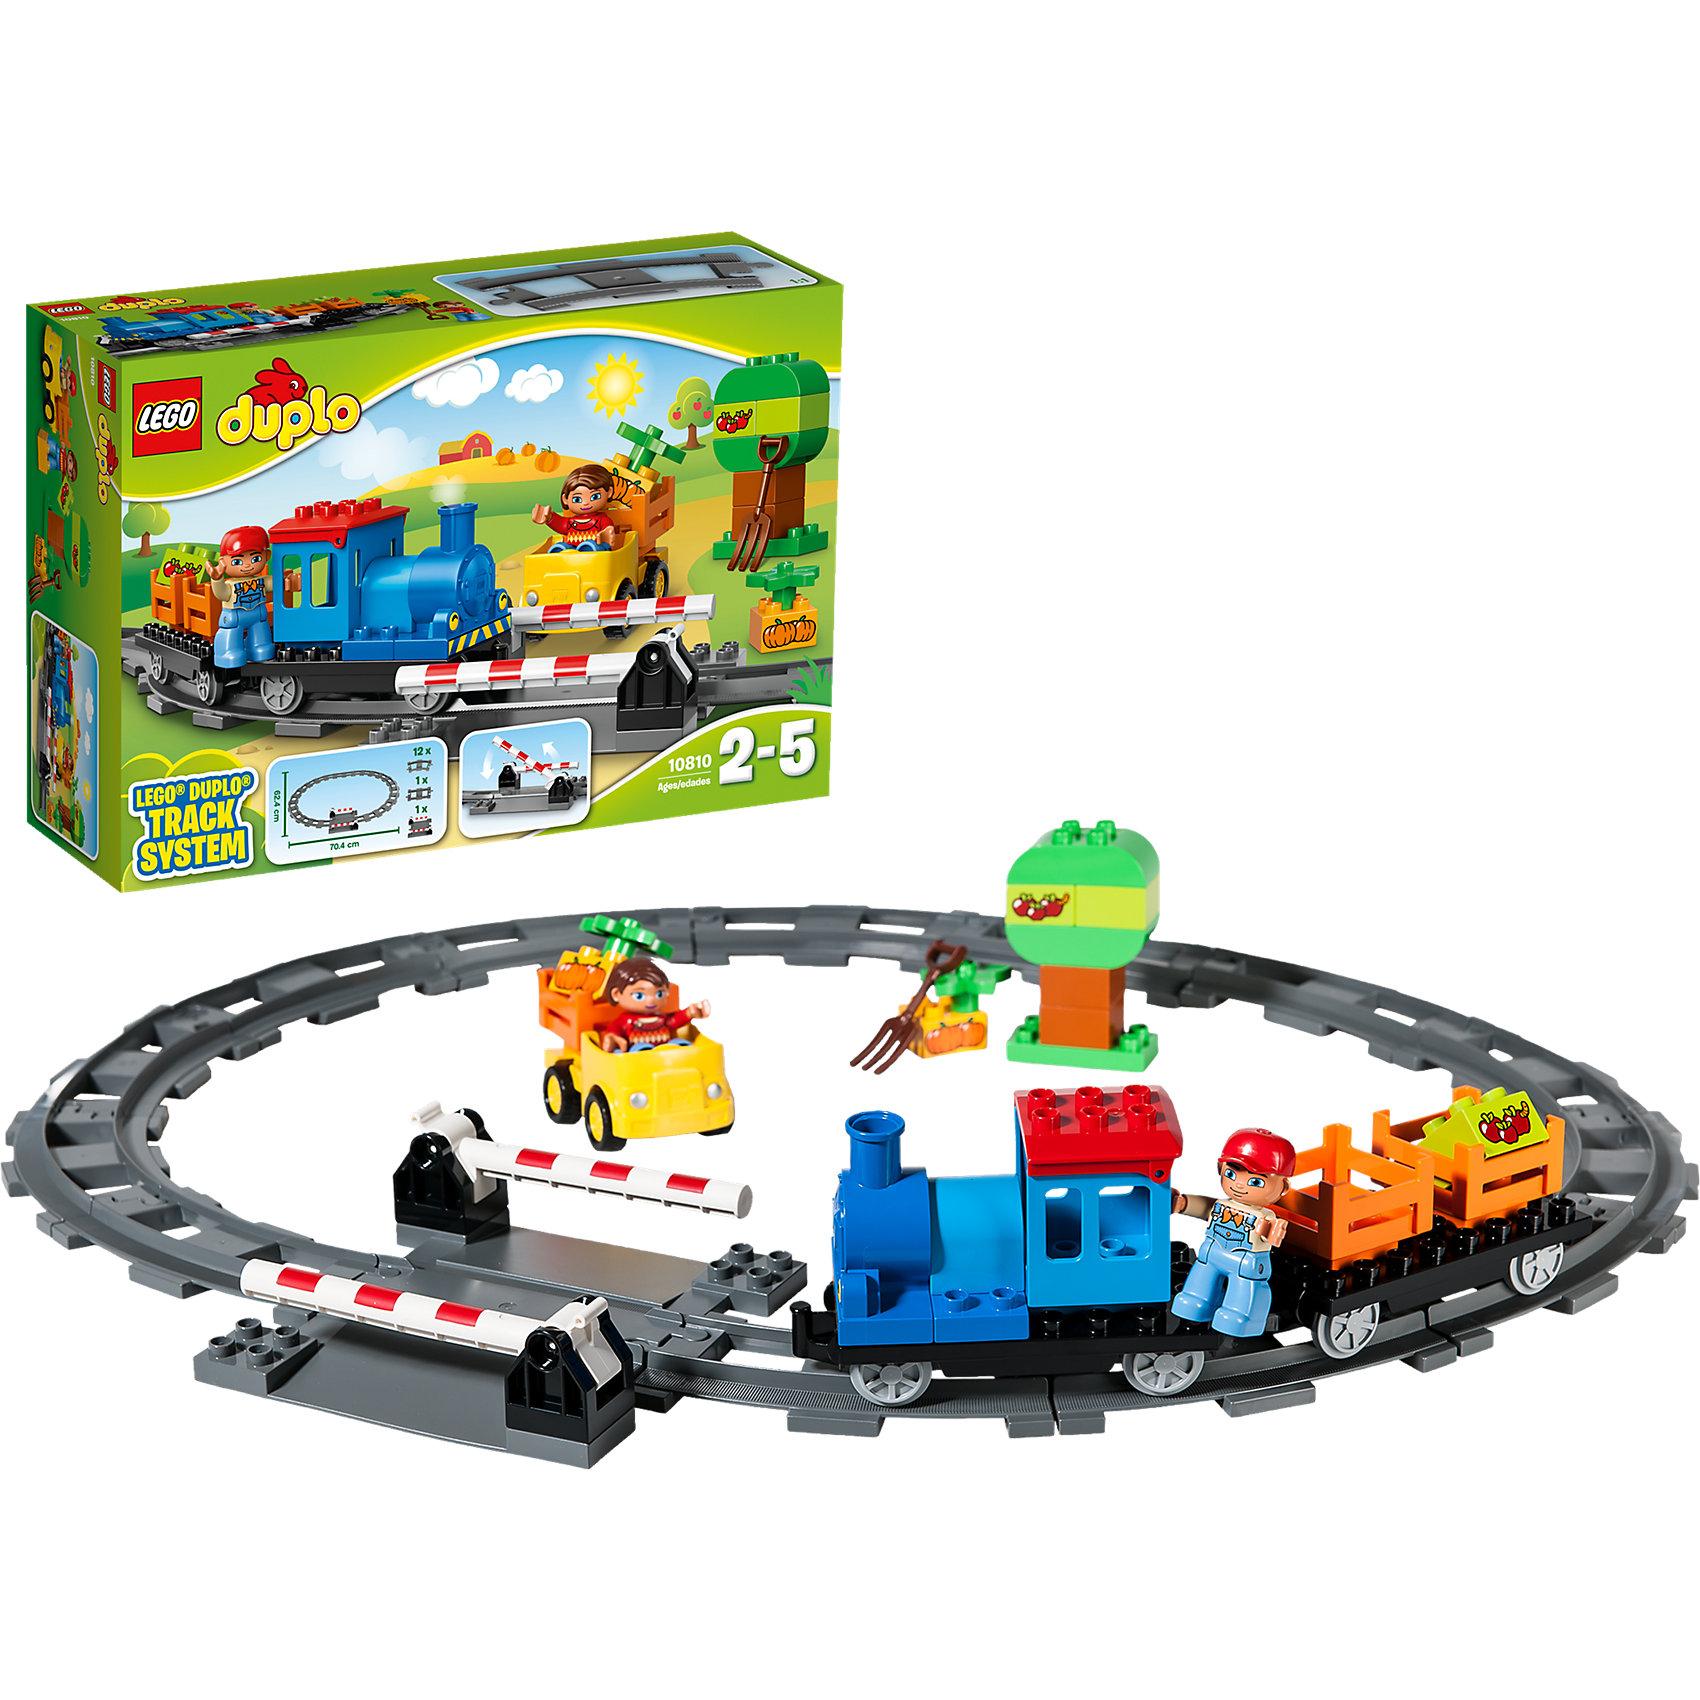 LEGO DUPLO 10810: ЛокомотивИграть в поезда обожает множество современных мальчишек, поэтому набор фигурок и конструктора в этой тематике обязательно обрадует ребенка. Игры с такими комплектами помогают детям развивать воображение, мелкую моторику, логику и творческое мышление.<br>Набор состоит из грузового поезда (локомотив с вагончиком), железной дороги овальной формы, жёлтого автомобиля, дерева, обучающих кубиков: 2 с тыковками и 2 с яблоками и двух фигурок<br>машиниста и водителя. С таким комплектом можно придумать множество игр!<br><br>Дополнительная информация:<br><br>цвет: разноцветный;<br>материал: пластик;<br>количество деталей: 45;<br>размеры: грузовой поезд (10х28х6 см), железная дорога (62х70 см), машина (9х11х7 см).<br><br>Комплект Локомотив от компании LEGO DUPLO можно купить в нашем магазине.<br><br>Ширина мм: 118<br>Глубина мм: 382<br>Высота мм: 262<br>Вес г: 1011<br>Возраст от месяцев: 24<br>Возраст до месяцев: 60<br>Пол: Унисекс<br>Возраст: Детский<br>SKU: 4906927